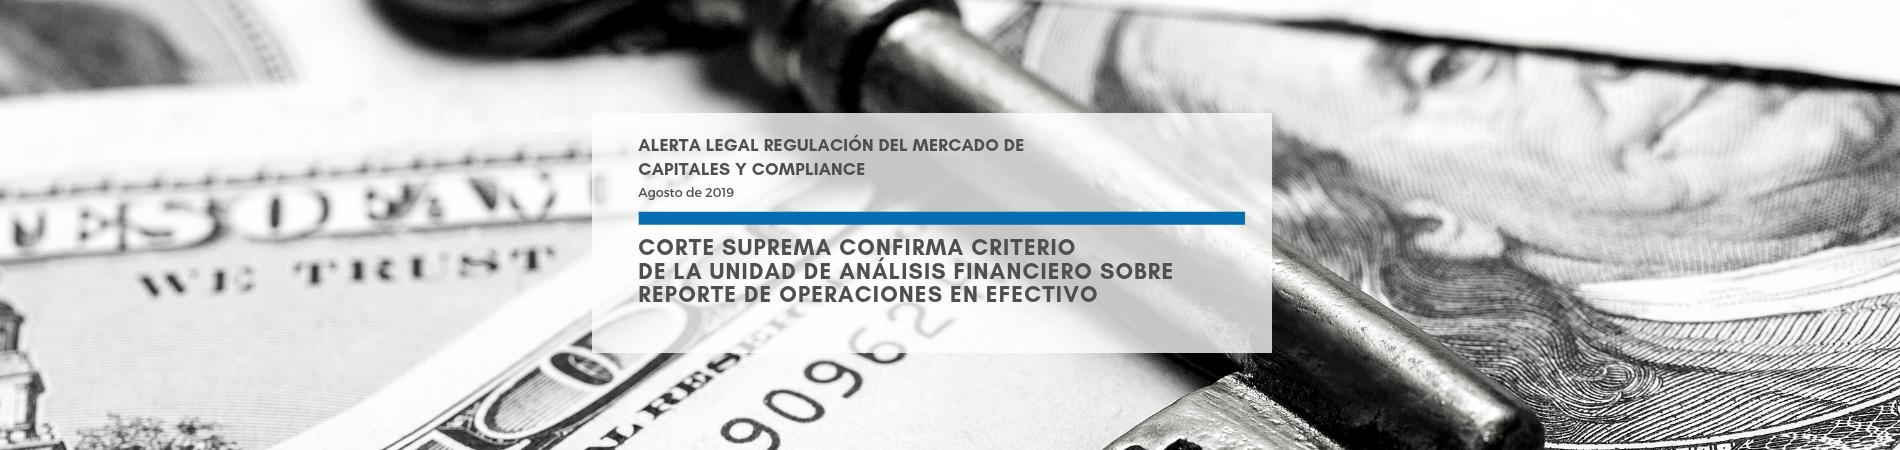 Alerta Legal | Corte Suprema confirma criterio de la Unidad de Análisis Financiero sobre reporte de operaciones en efectivo